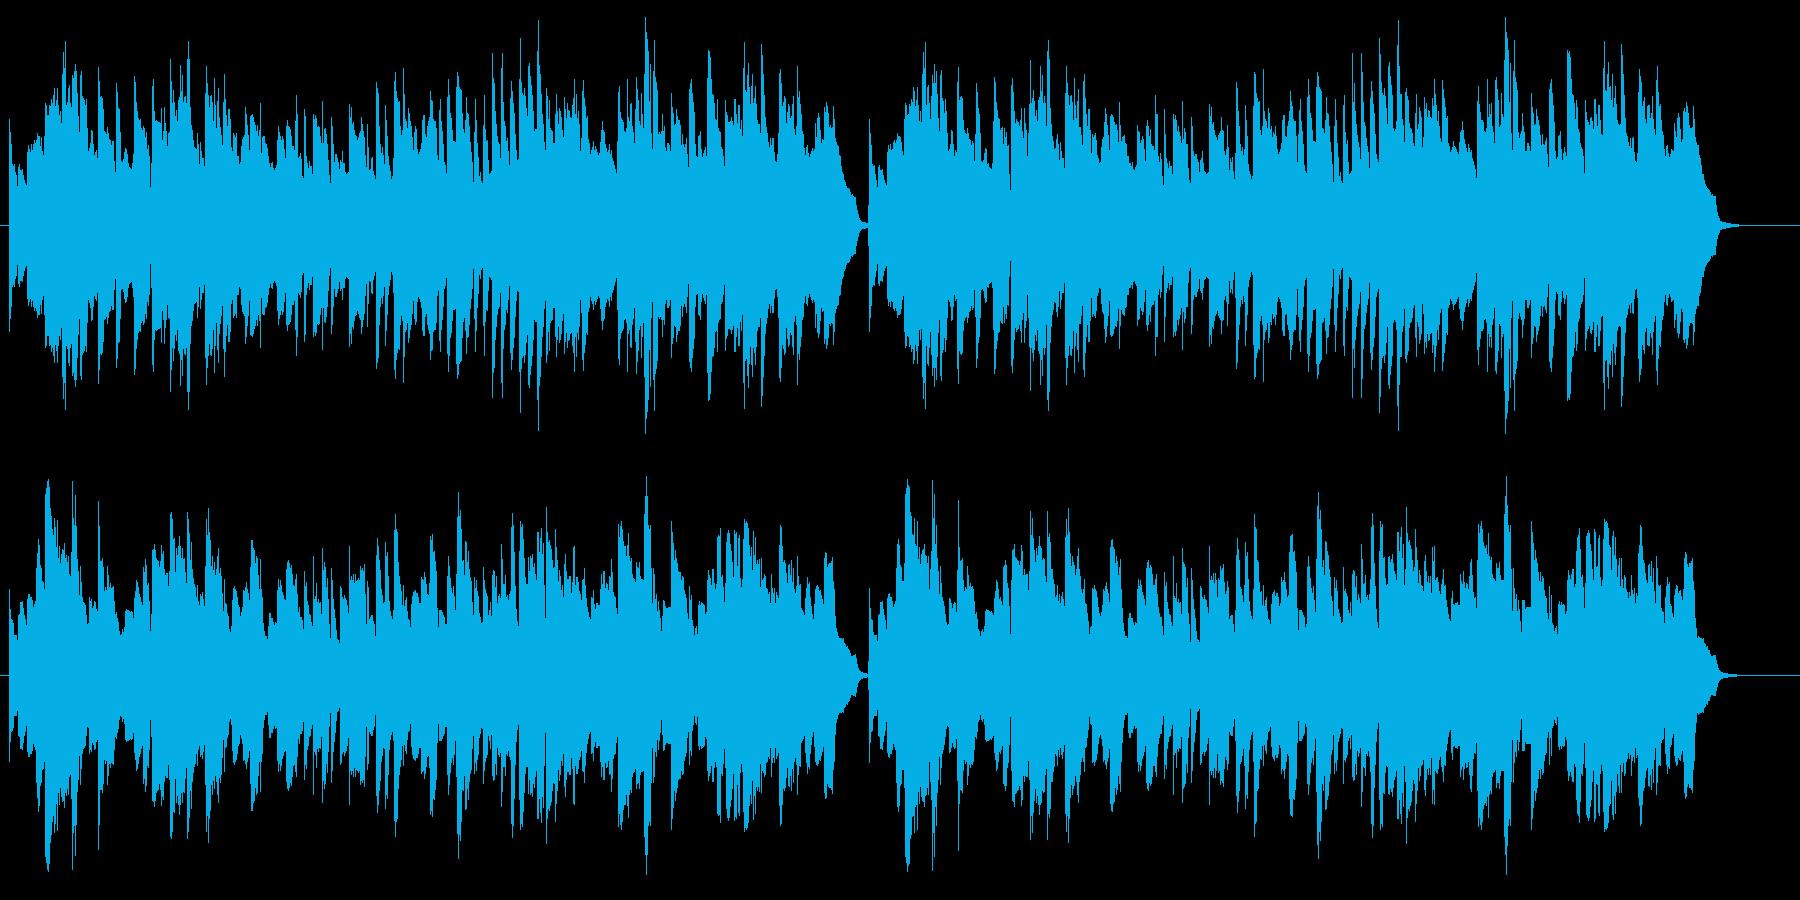 童謡「お正月」シンプルなピアノソロの再生済みの波形